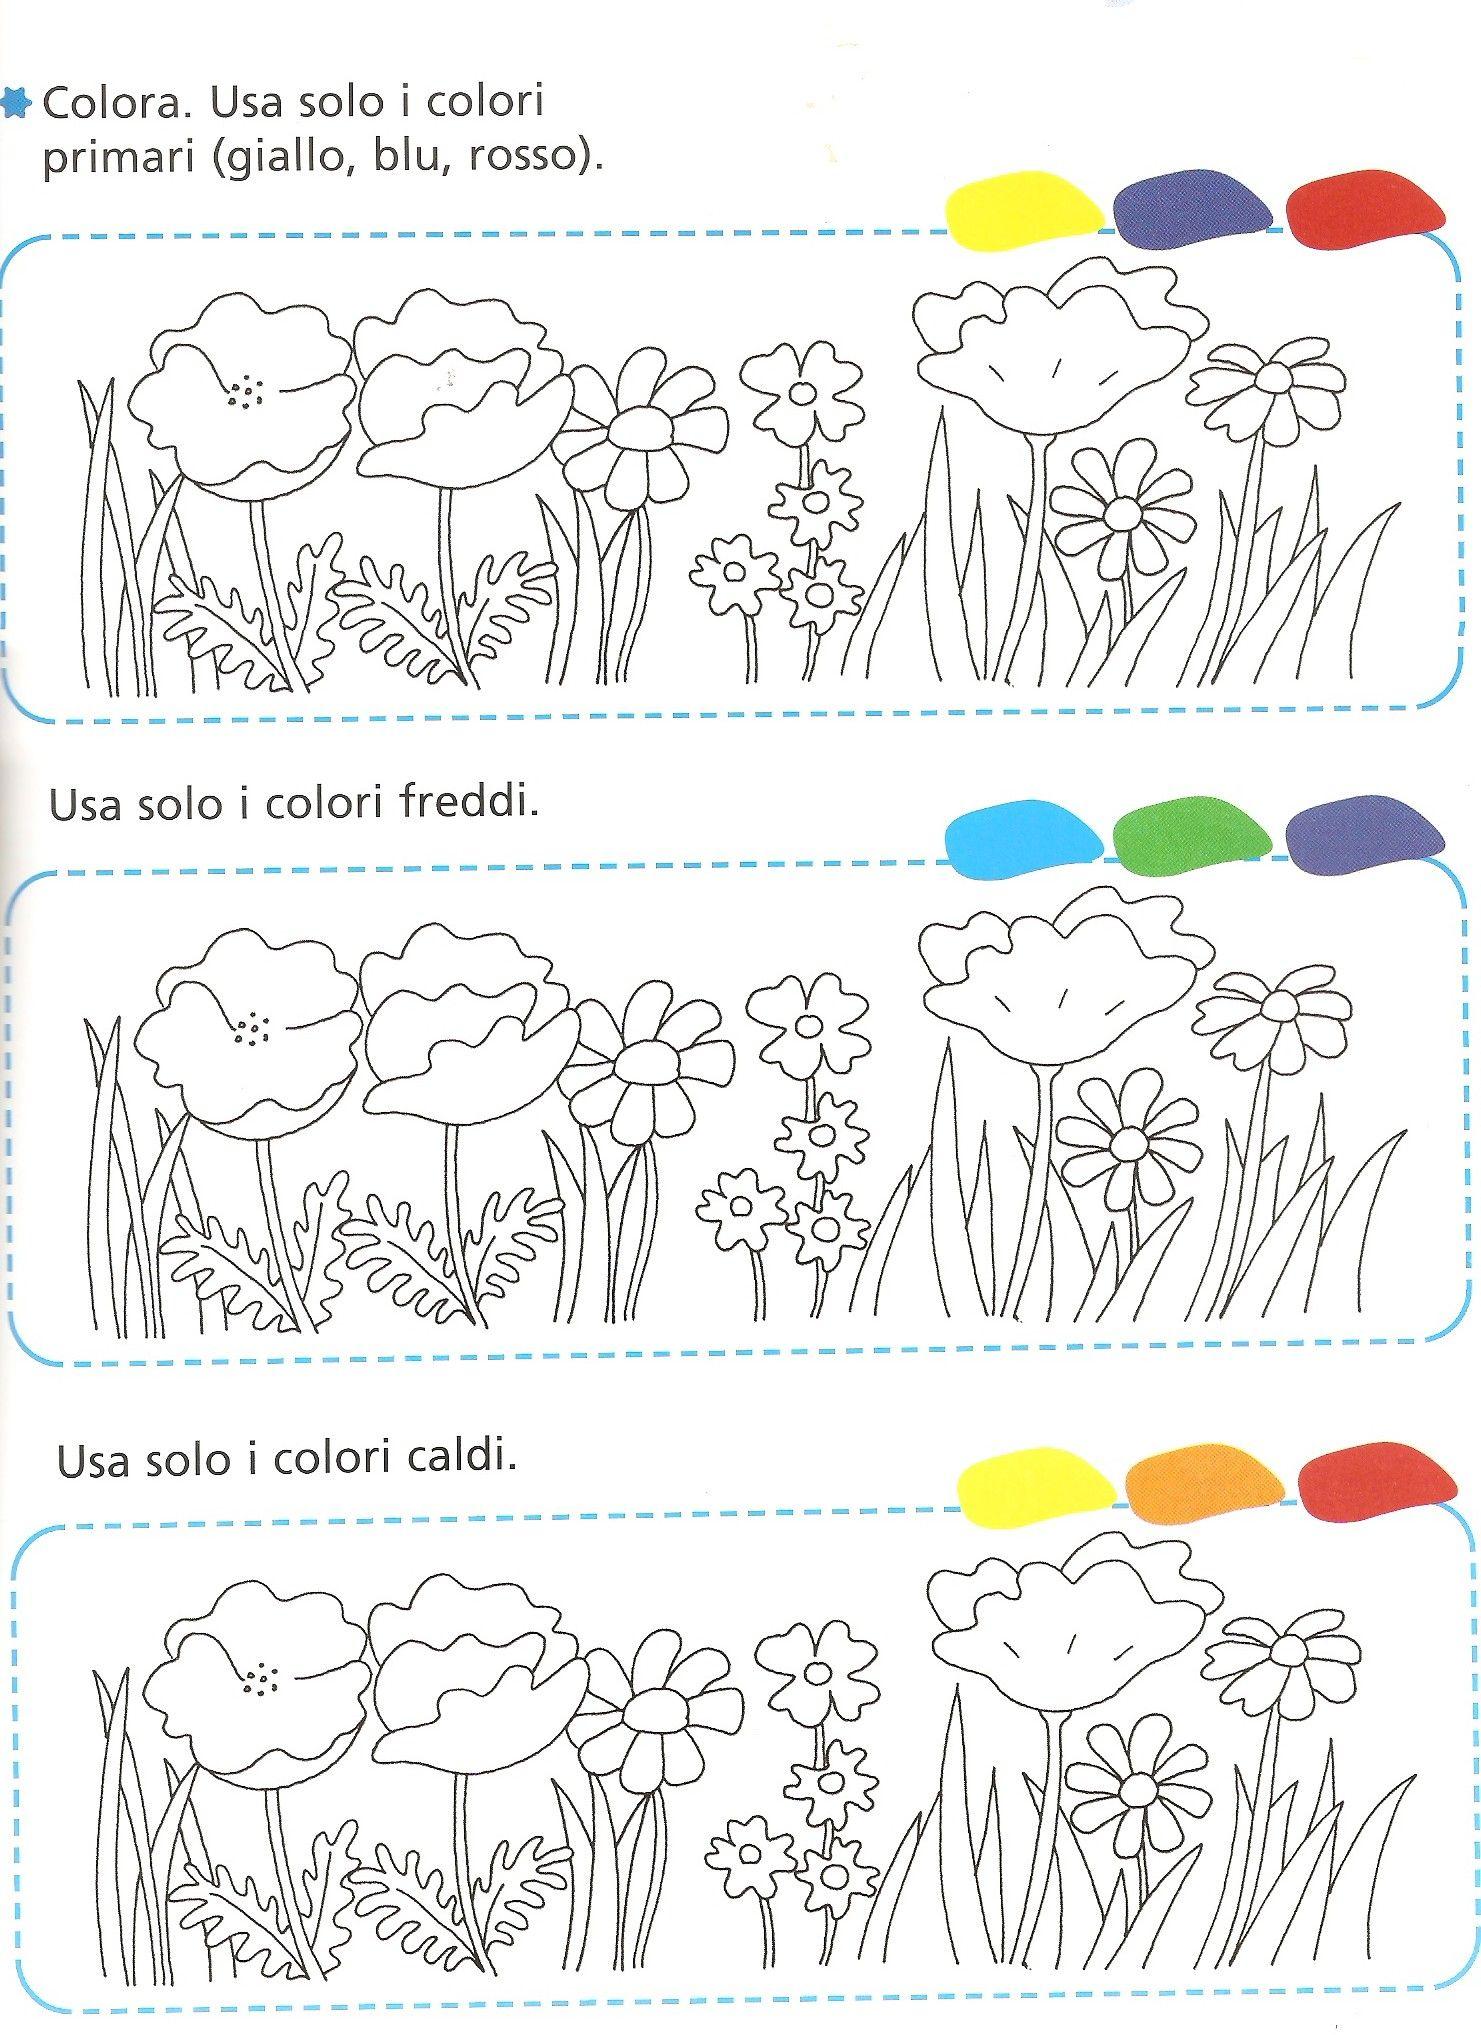 Pin Di Mariella Pissardo Su Arte Cl 1 Colori Primari Colori E